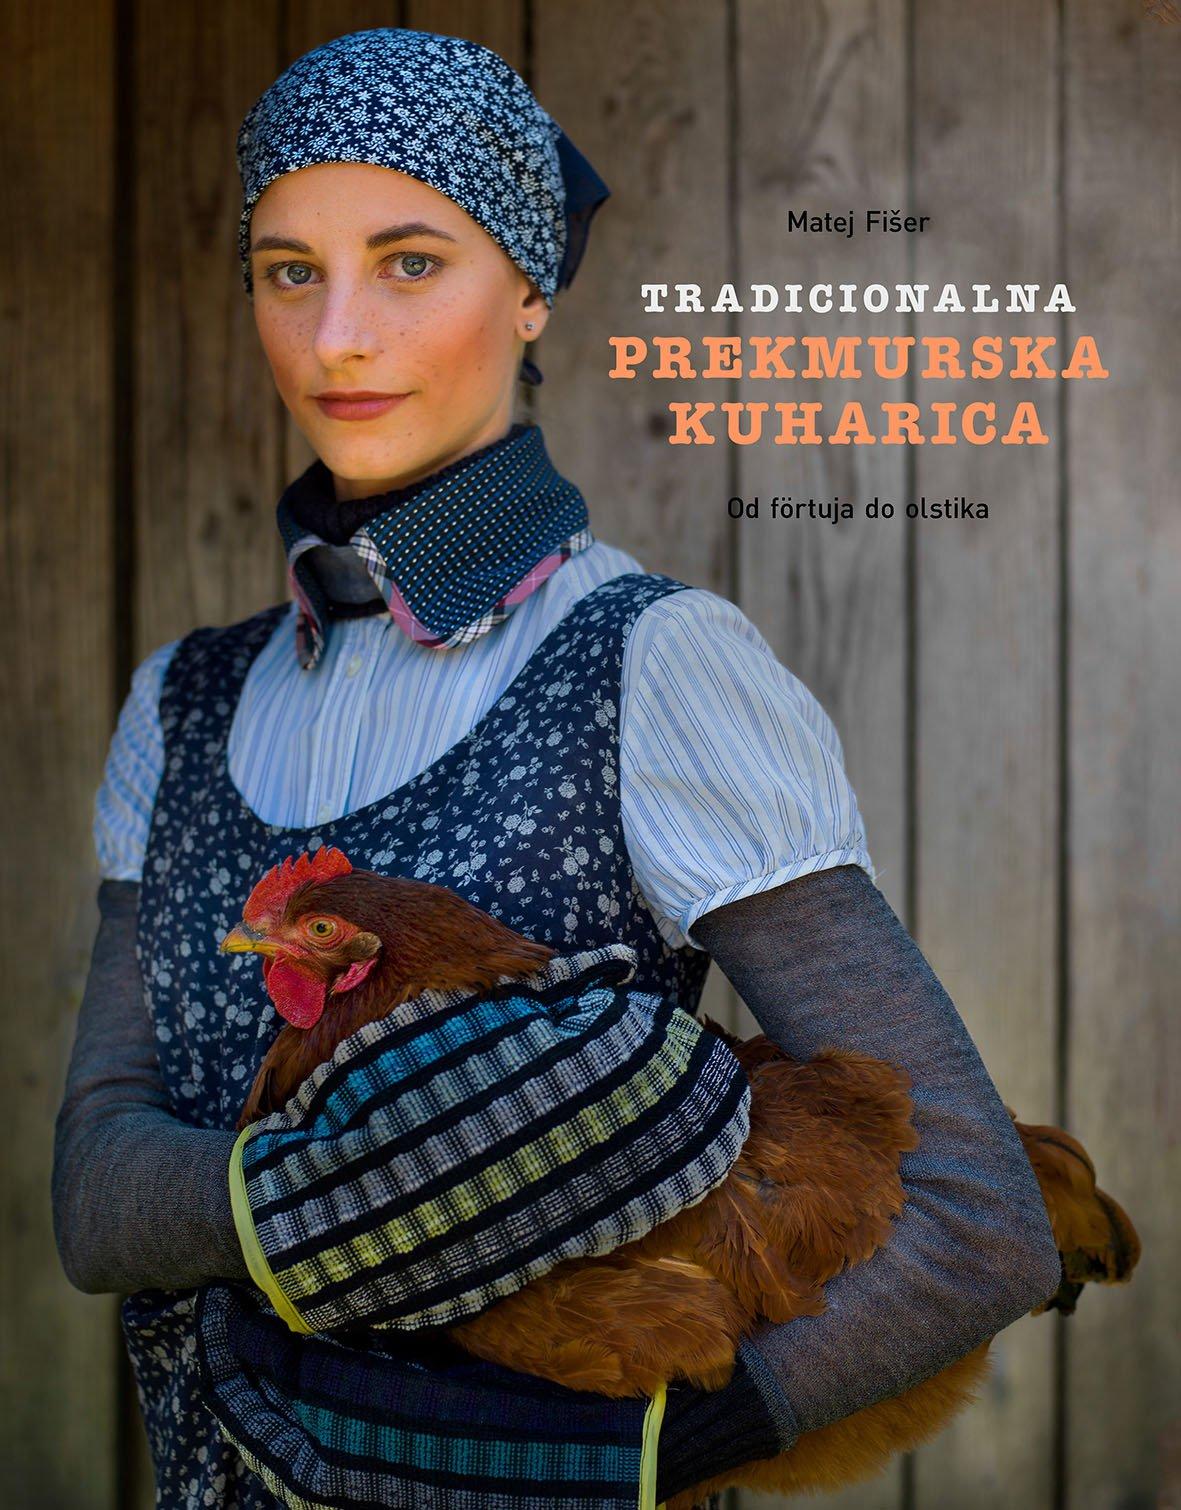 20190312 Prekmurska 03 (c)MatejFišer